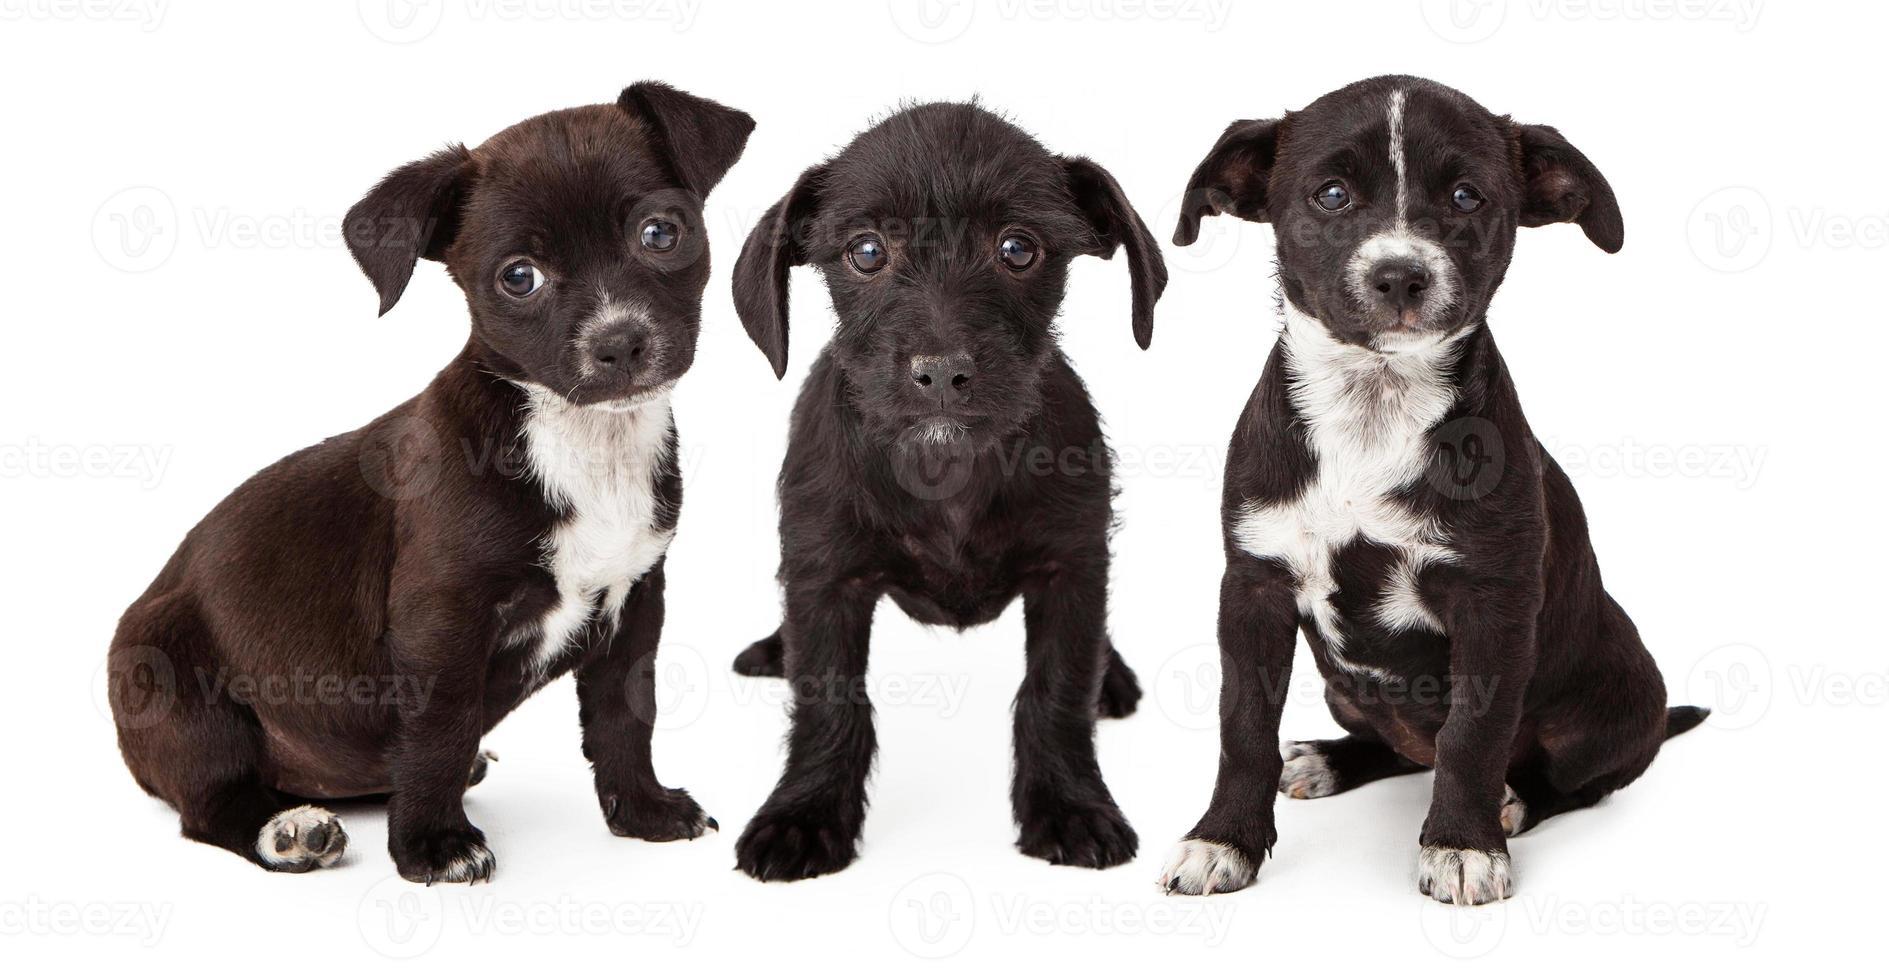 drei schwarz-weiße Welpen foto